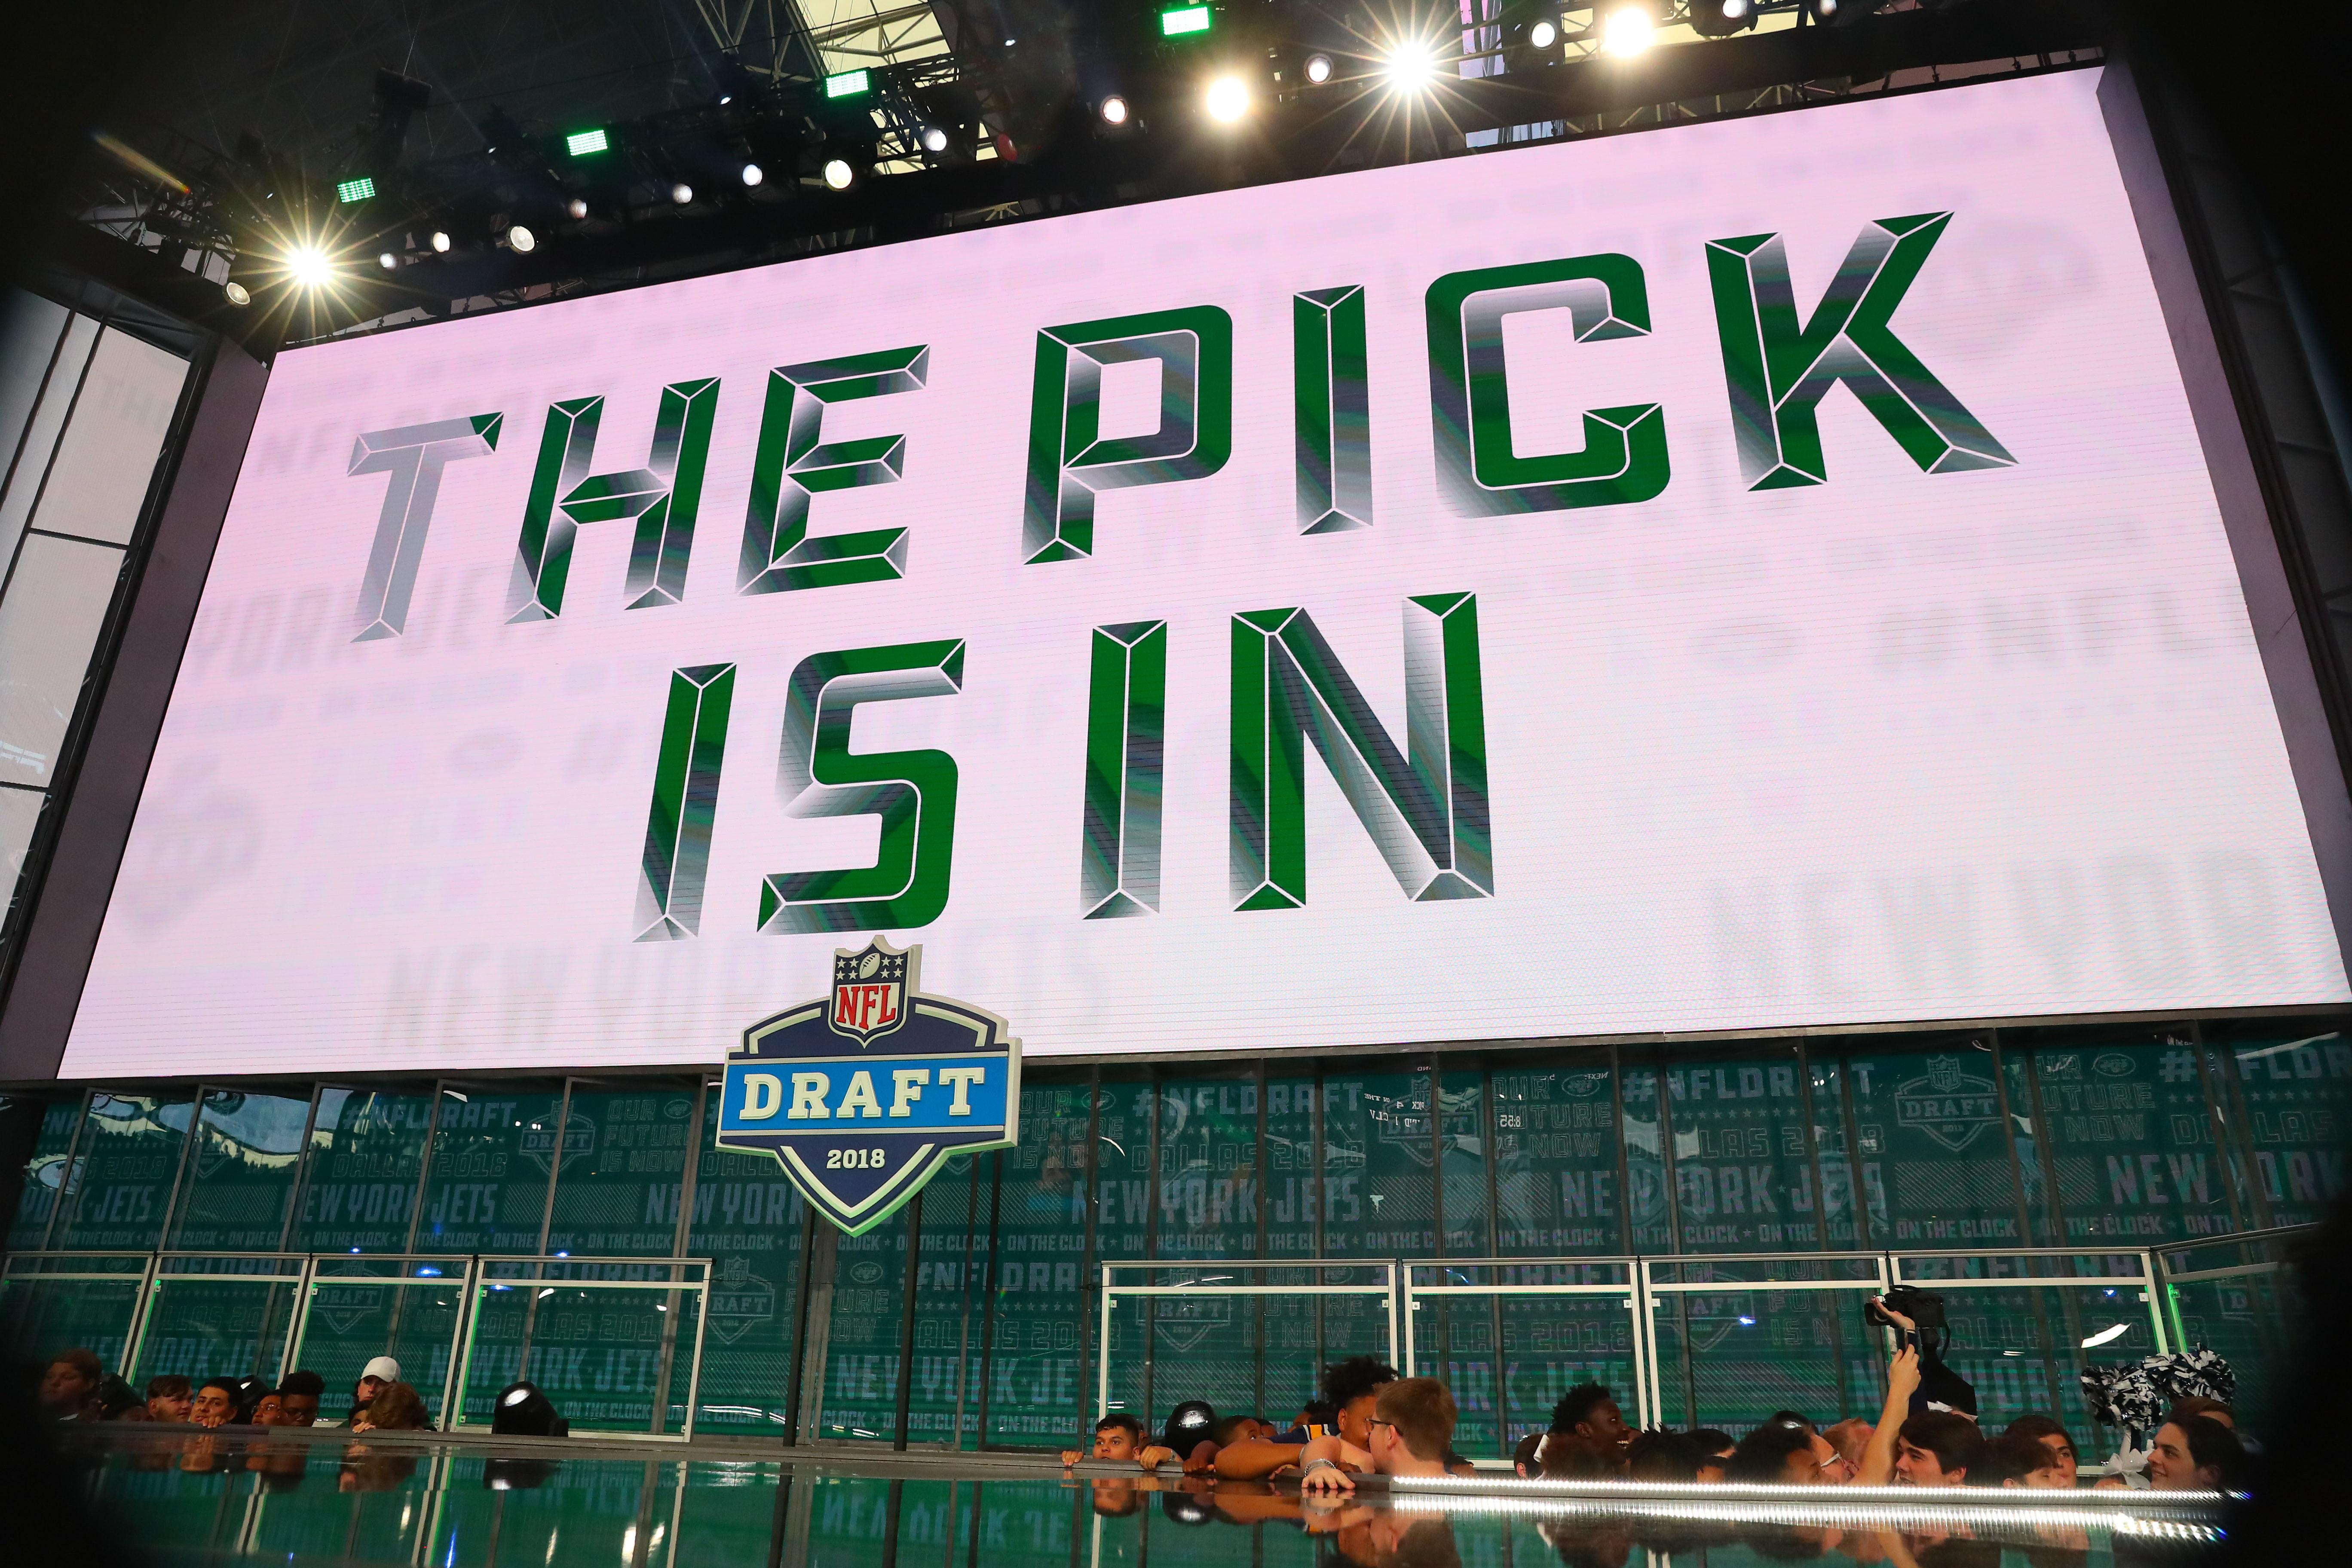 NFL: APR 26 2018 NFL Draft